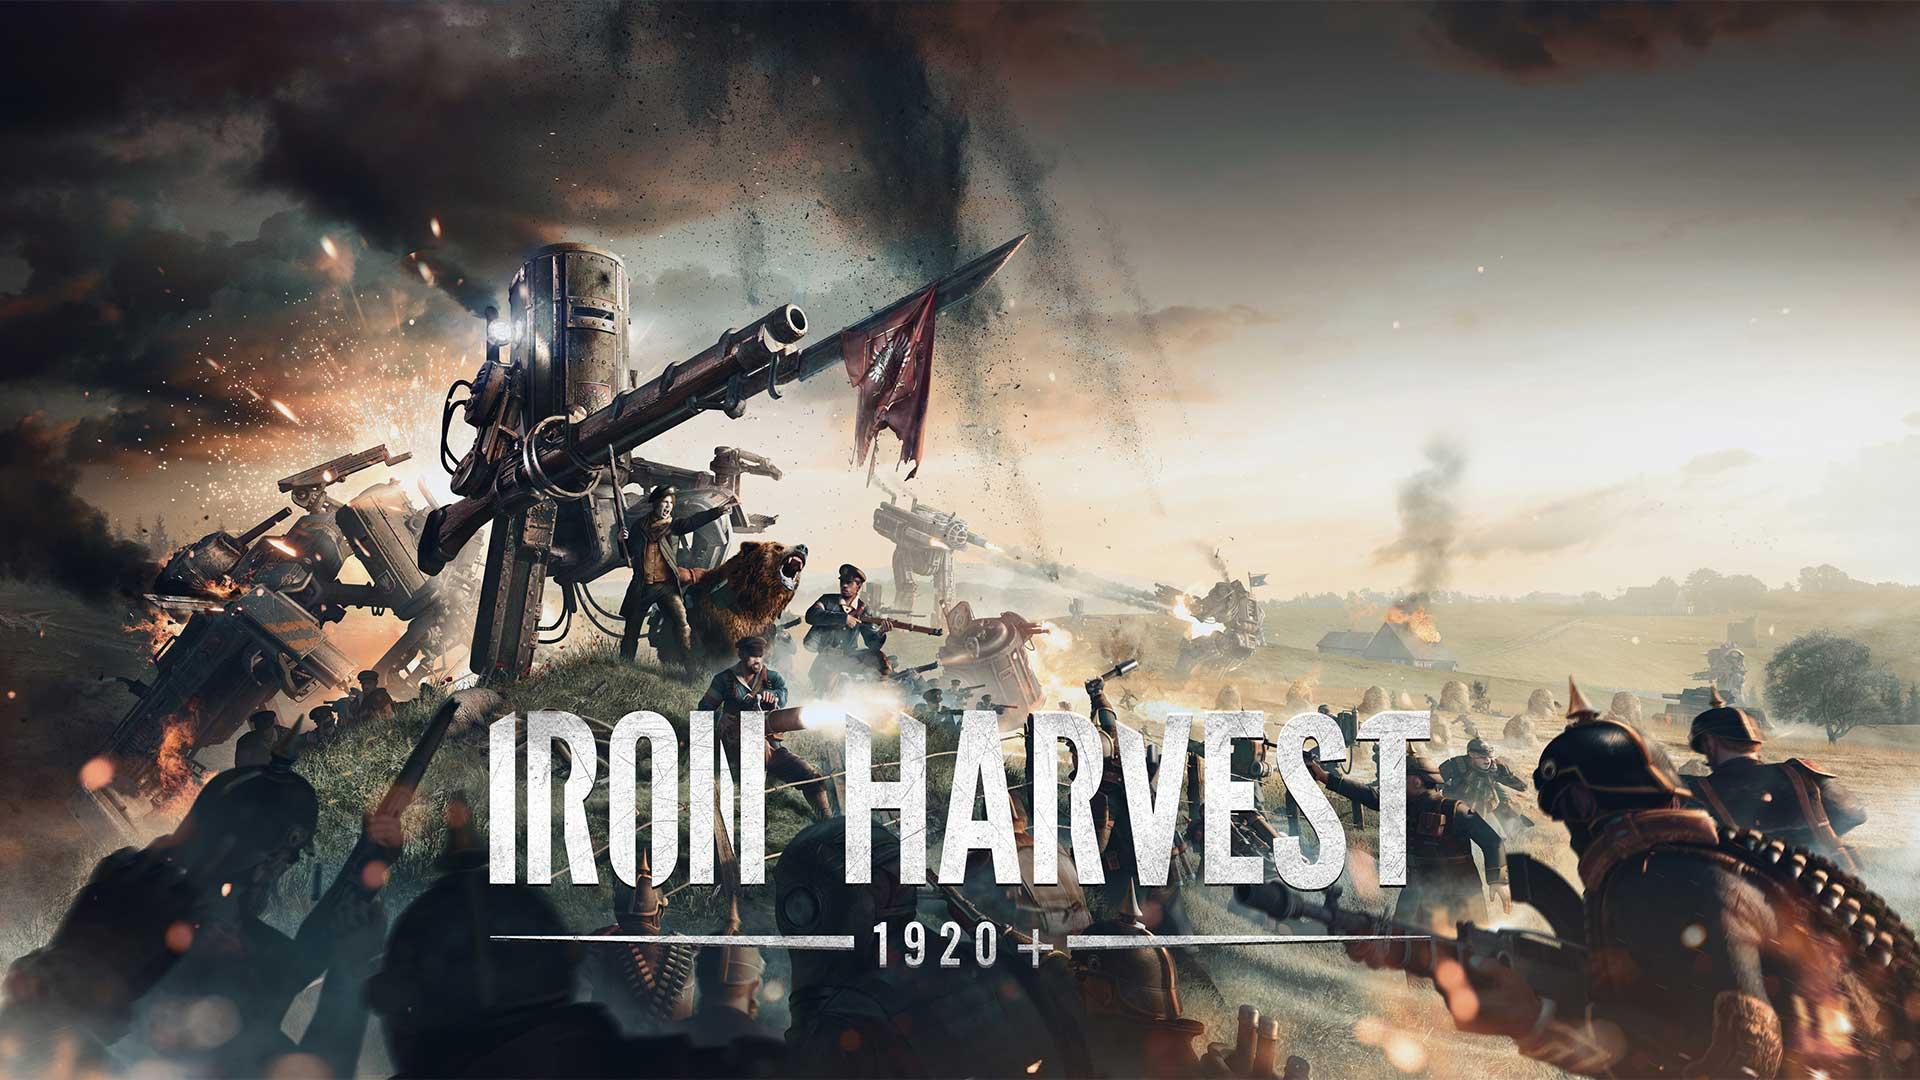 iron harvest 1920release